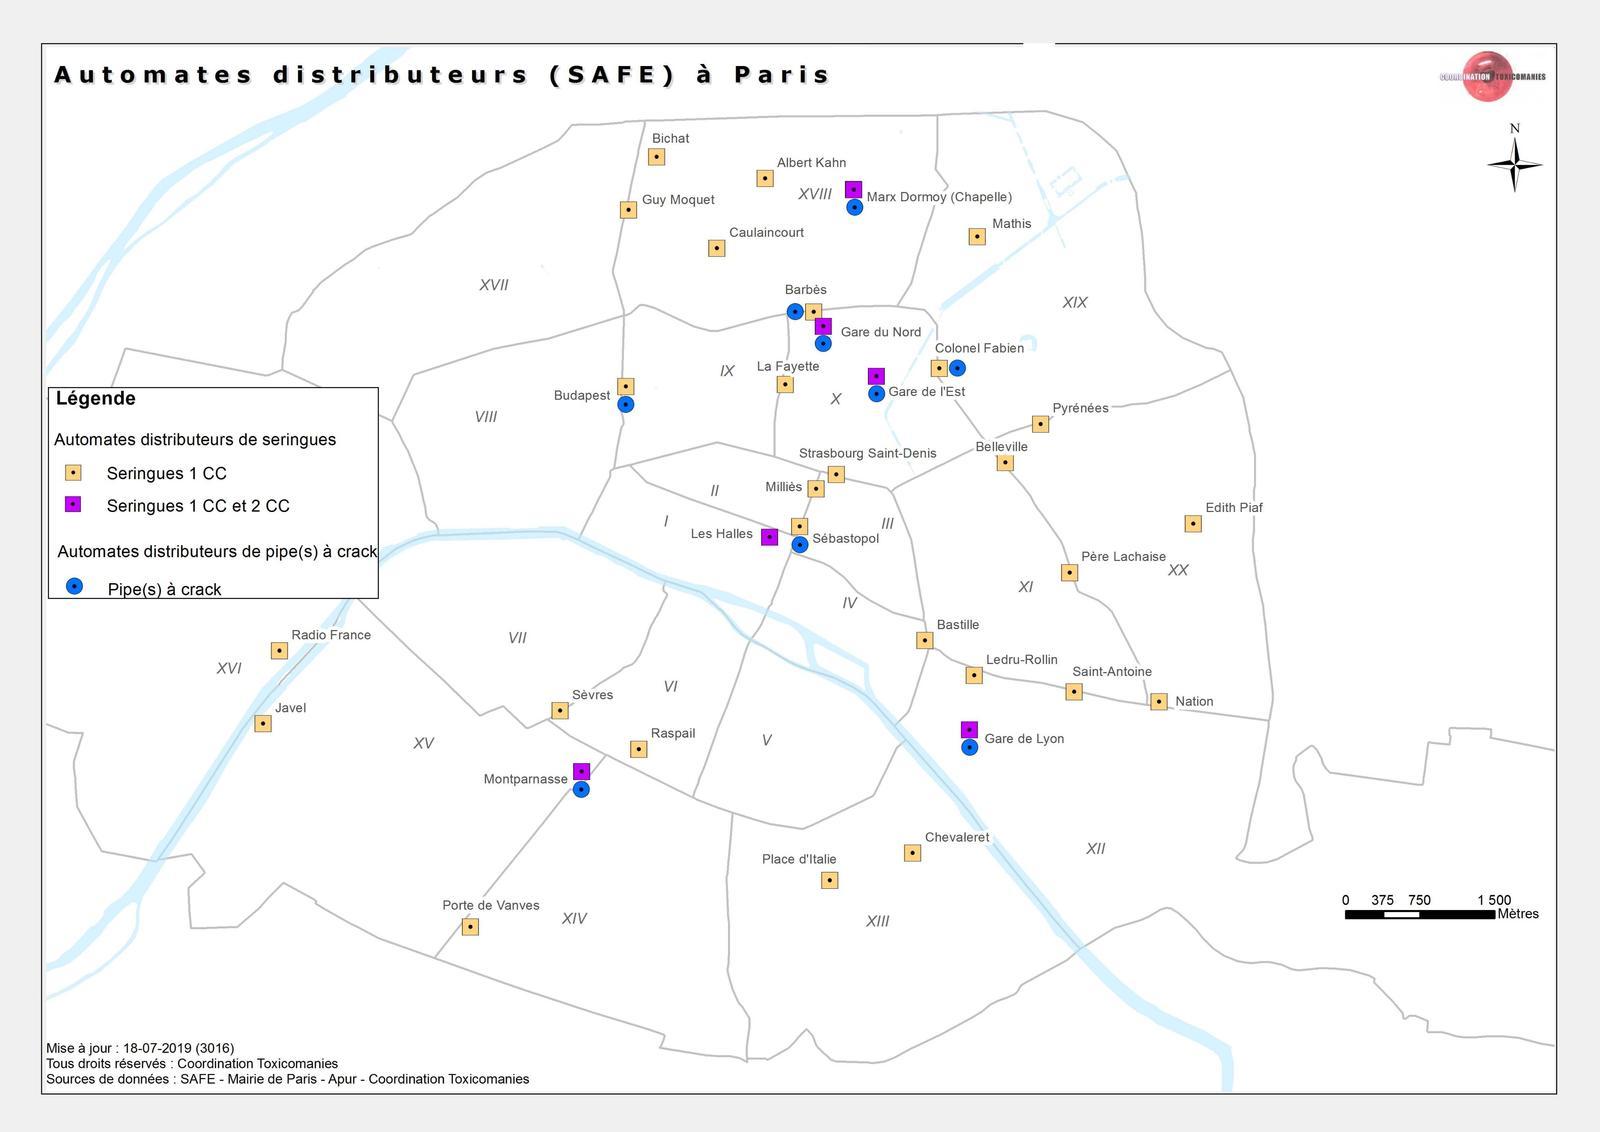 Carte des distributeurs automatique de séringues